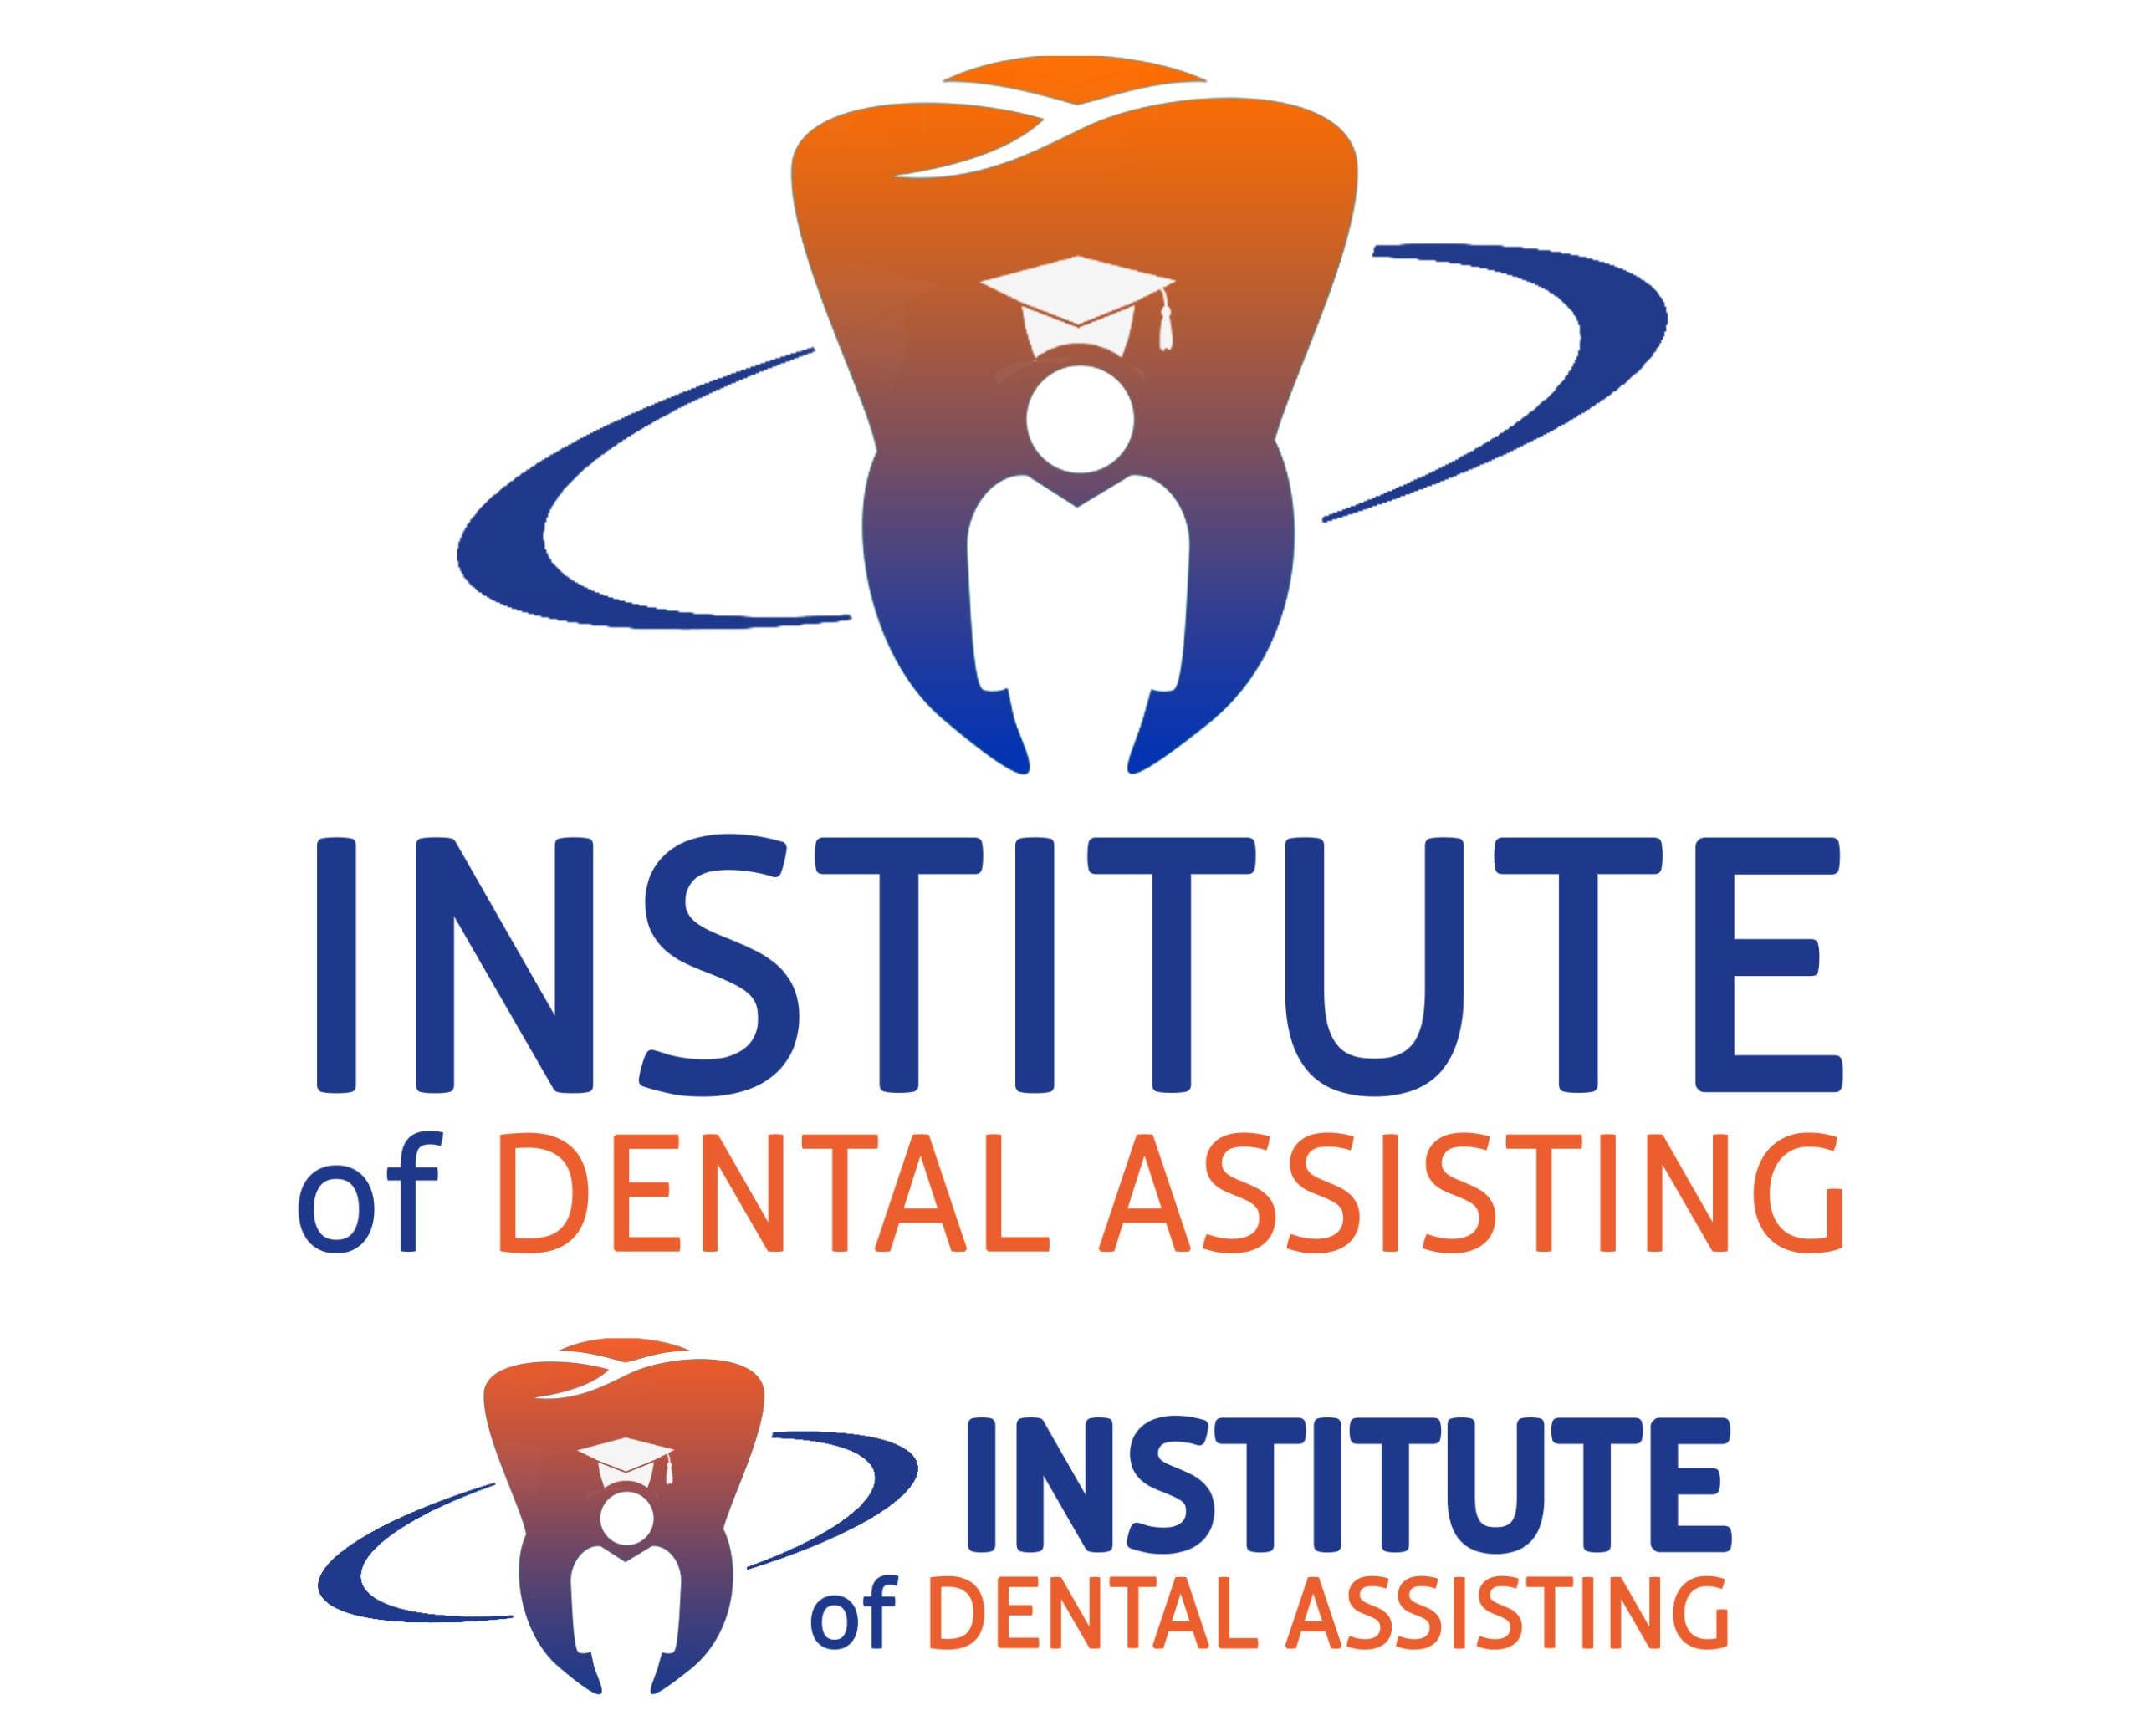 Institute-of-Dental-Assisting-Logo-009-orange03